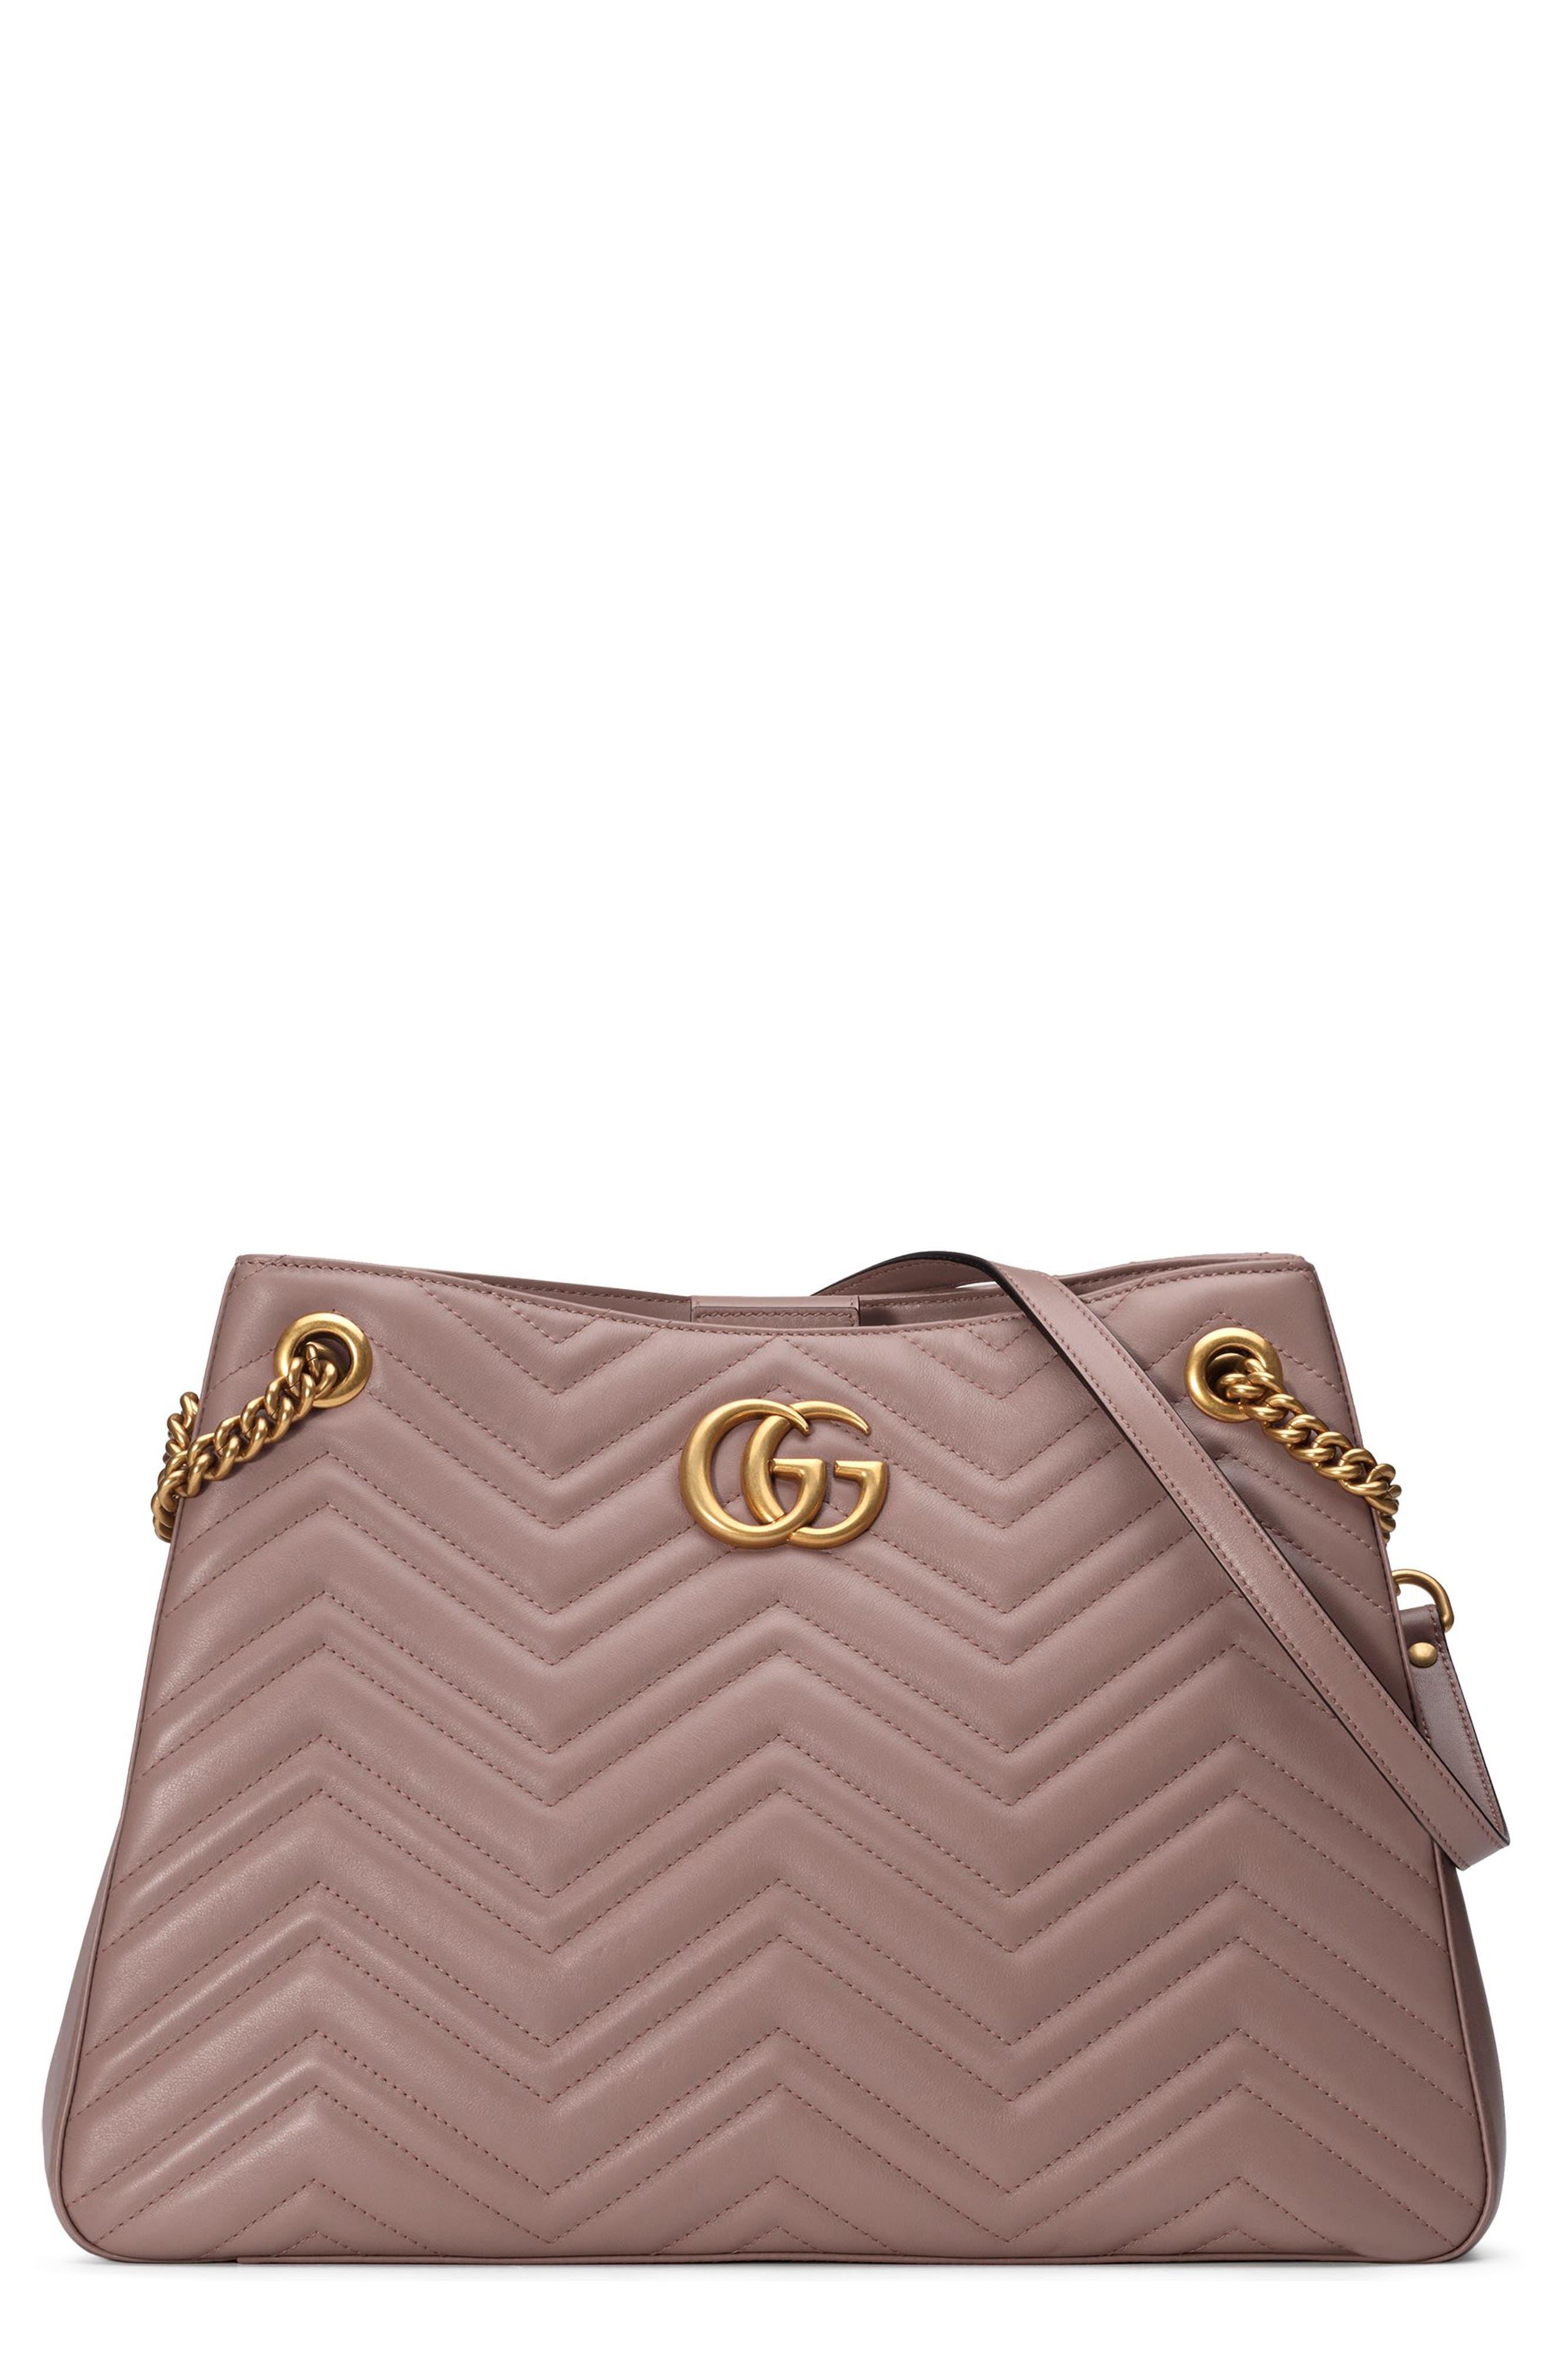 Gucci GG Marmont Matelassé Leather Shoulder Bag